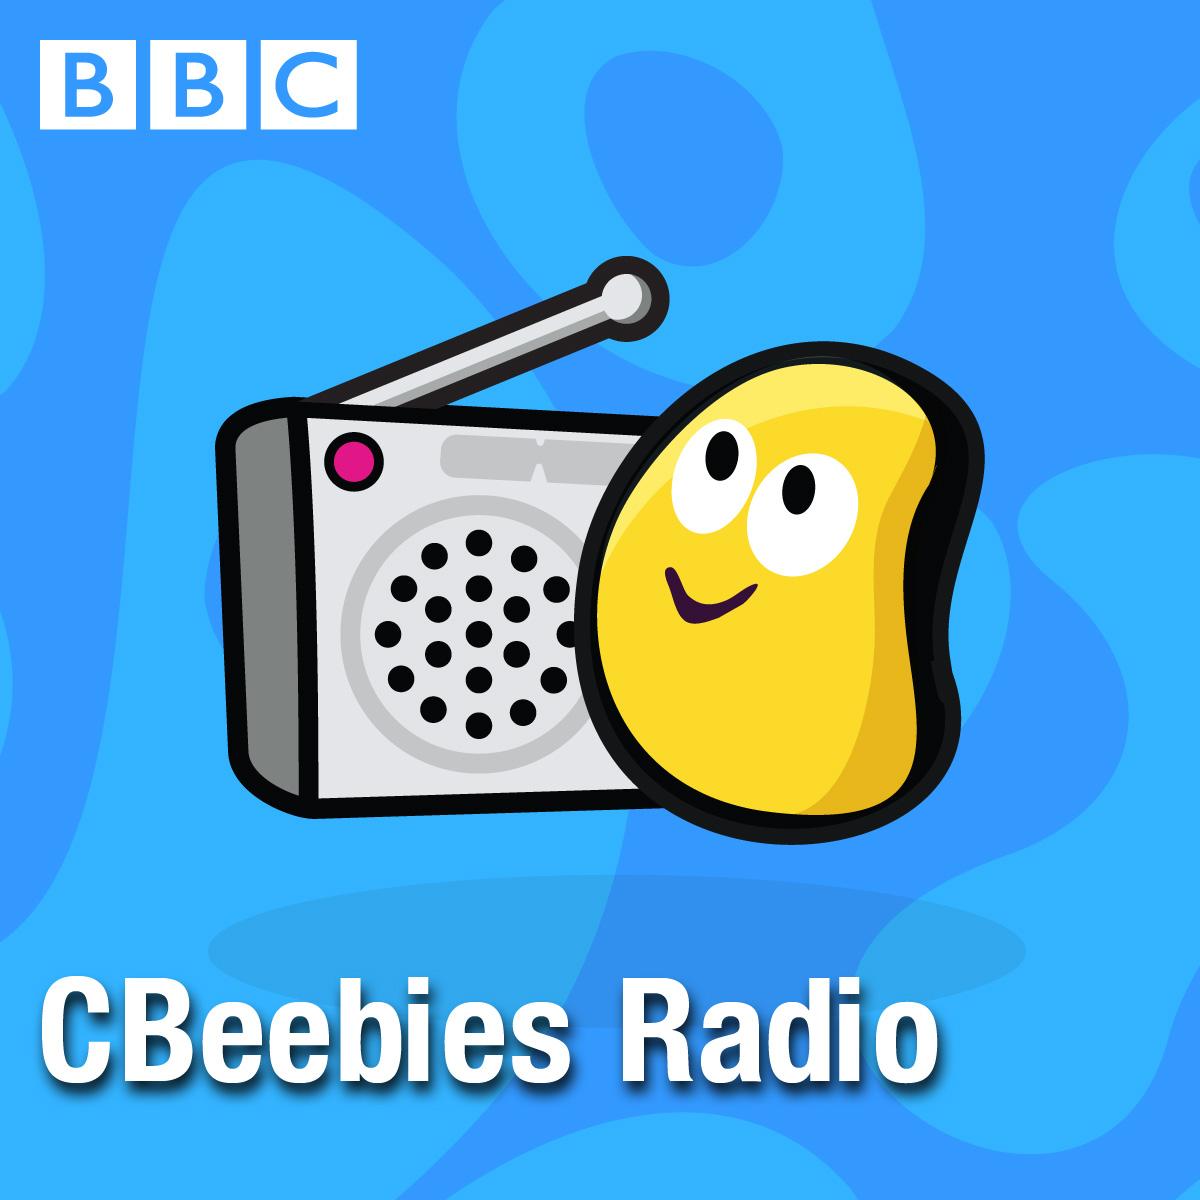 cbeebies-radio.jpg